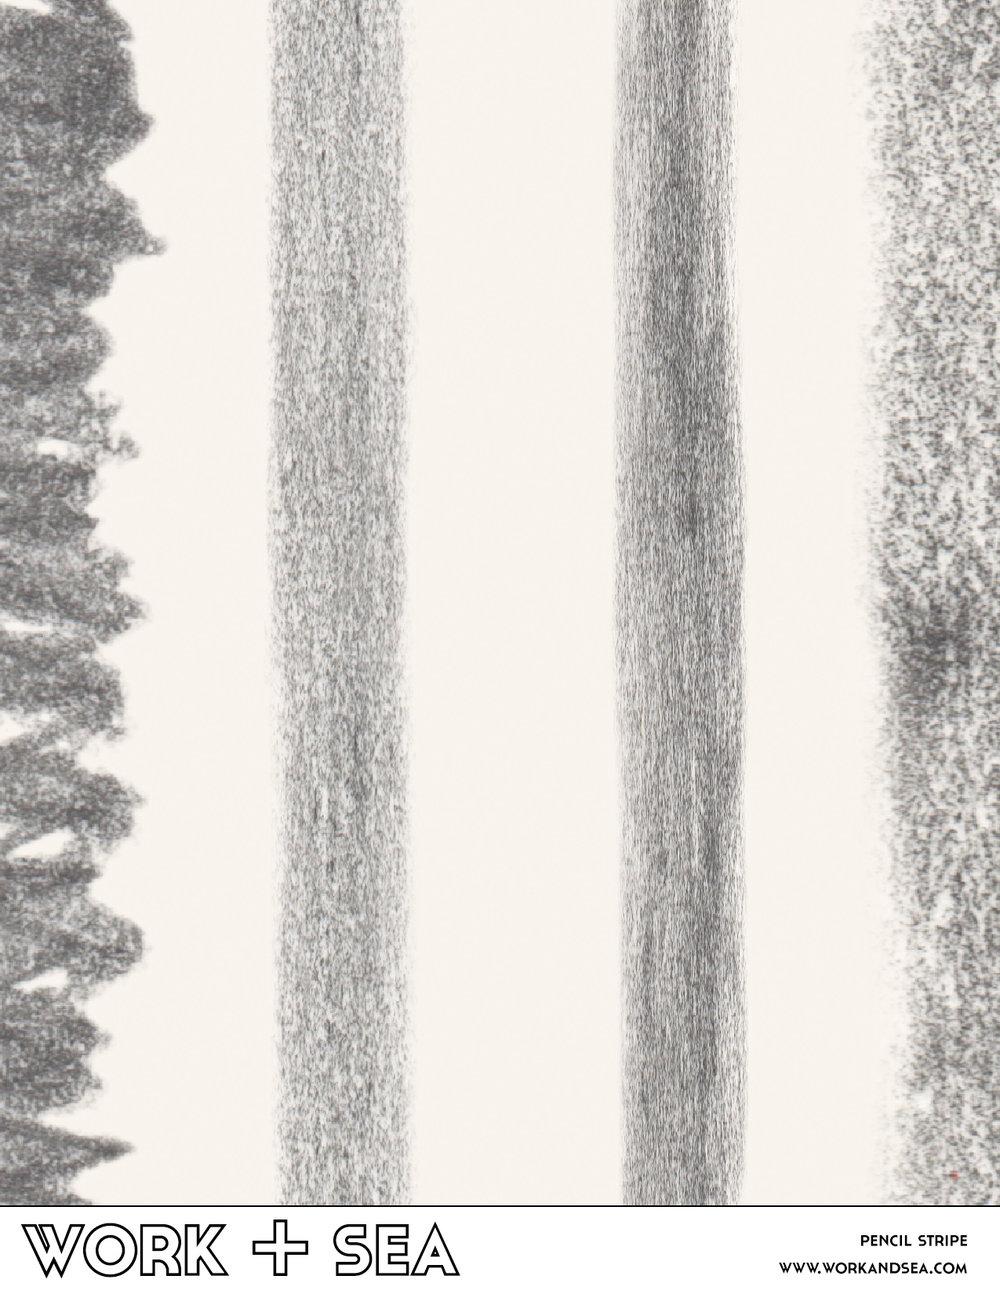 Pencil Stripe Memo.jpg